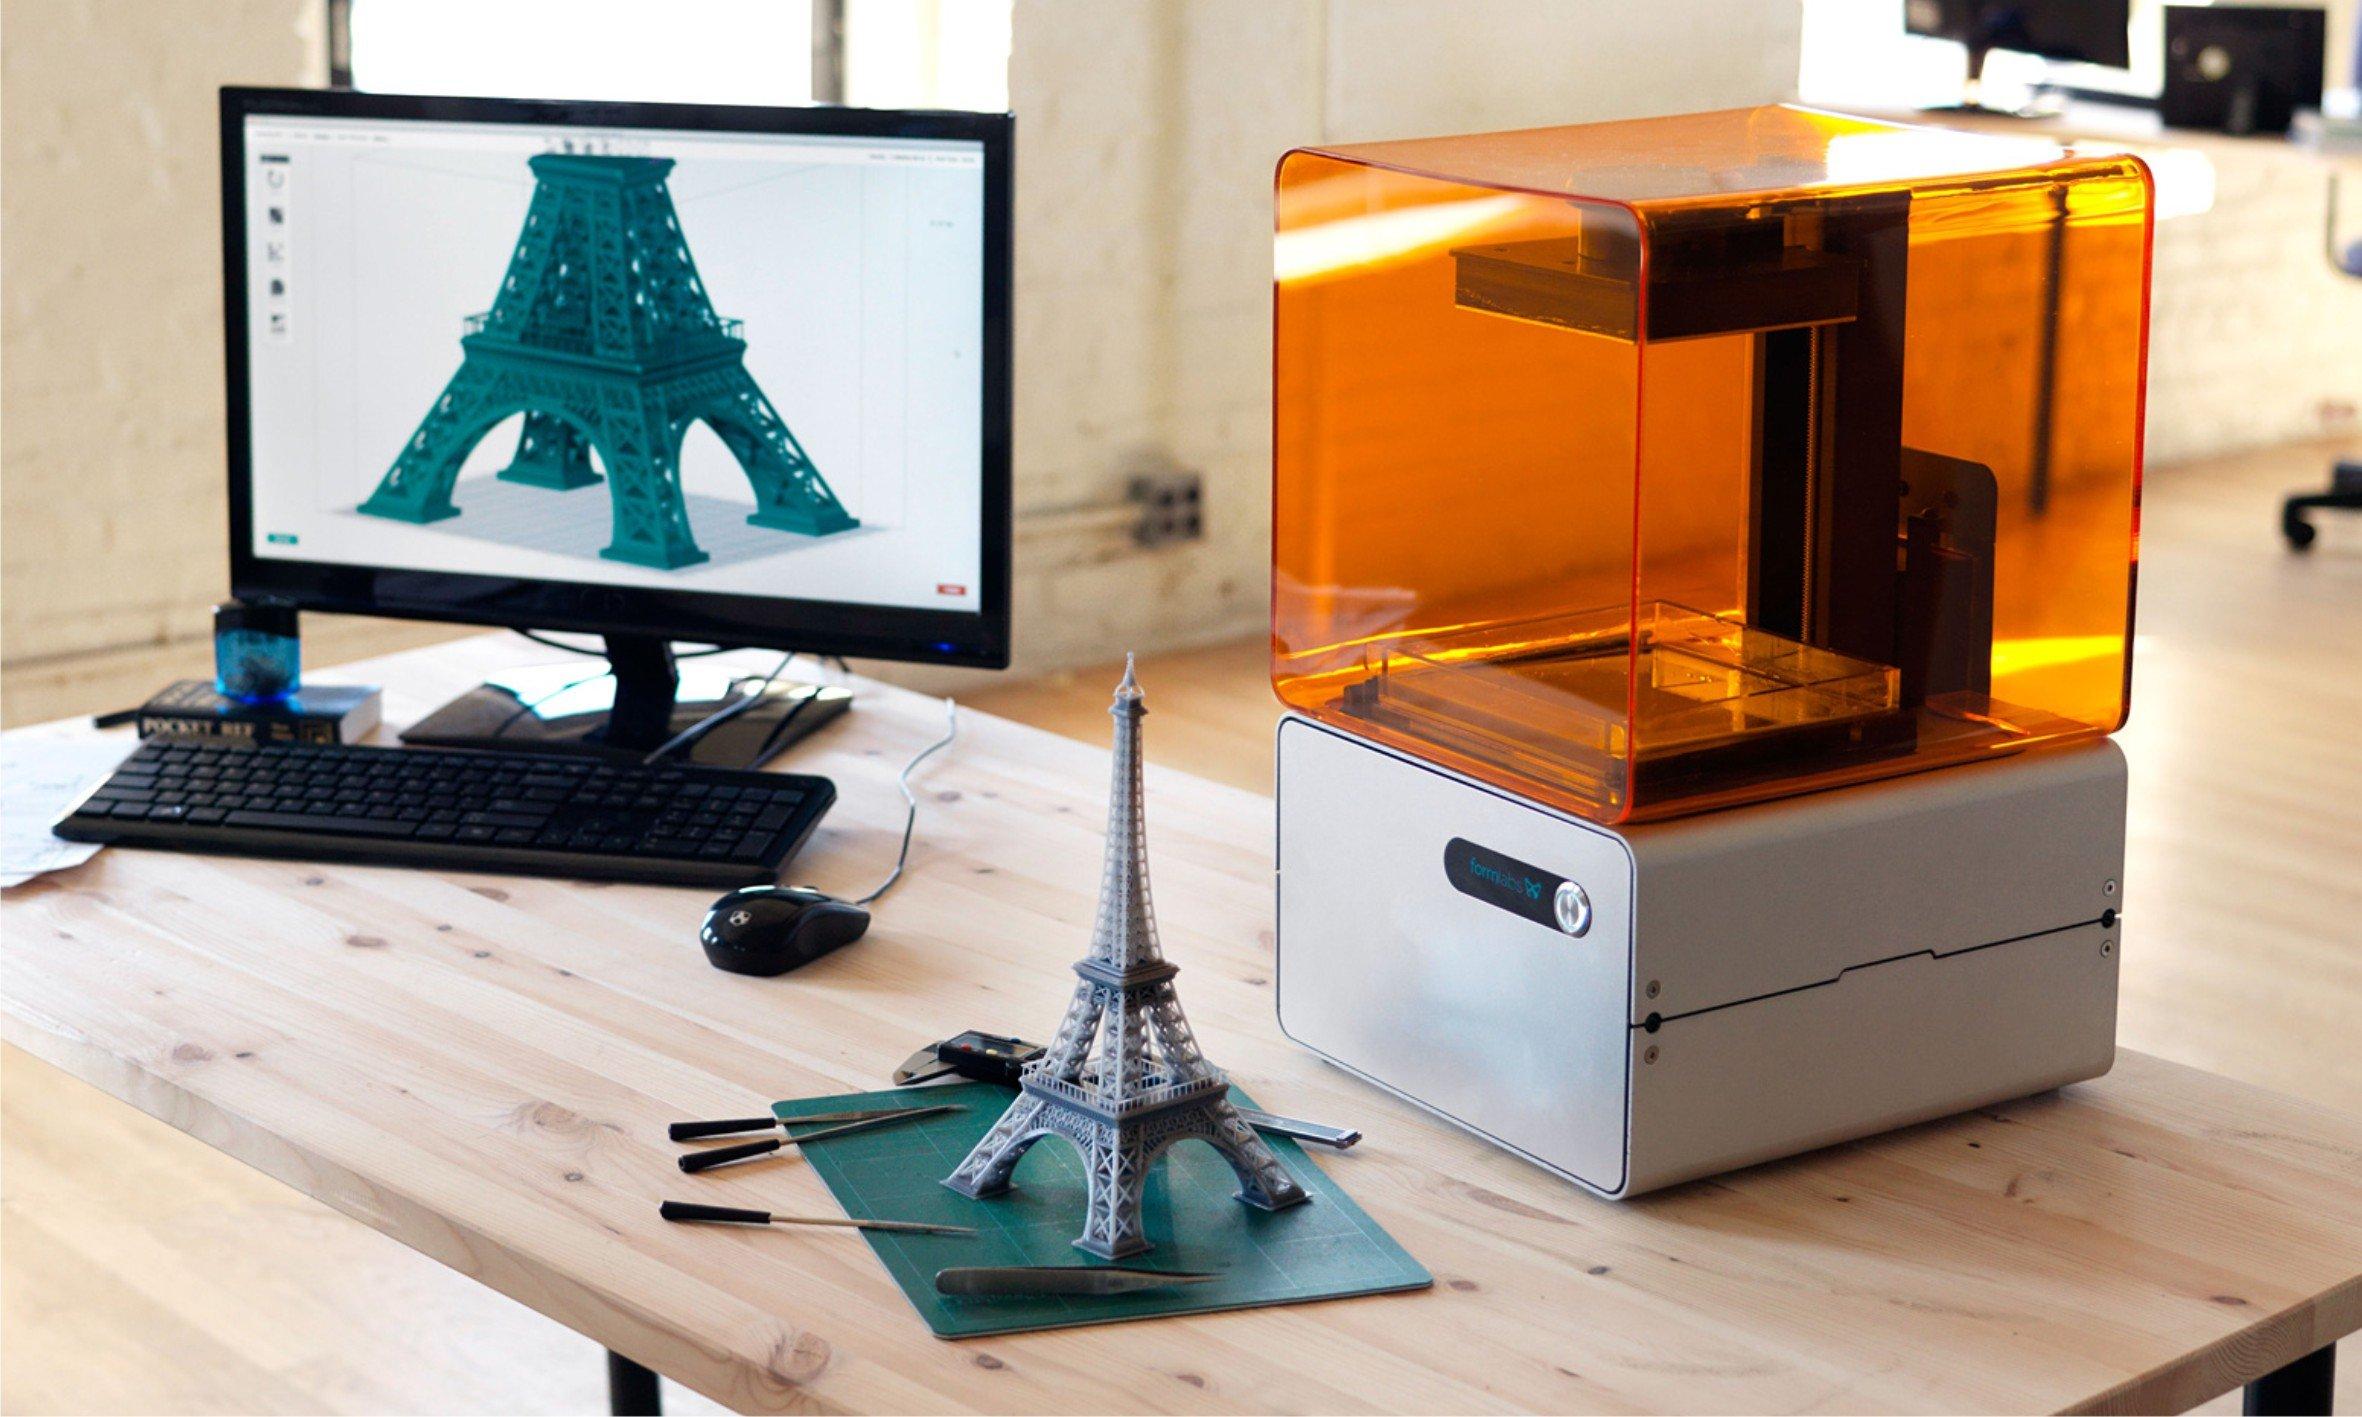 технология печати 3d картинок